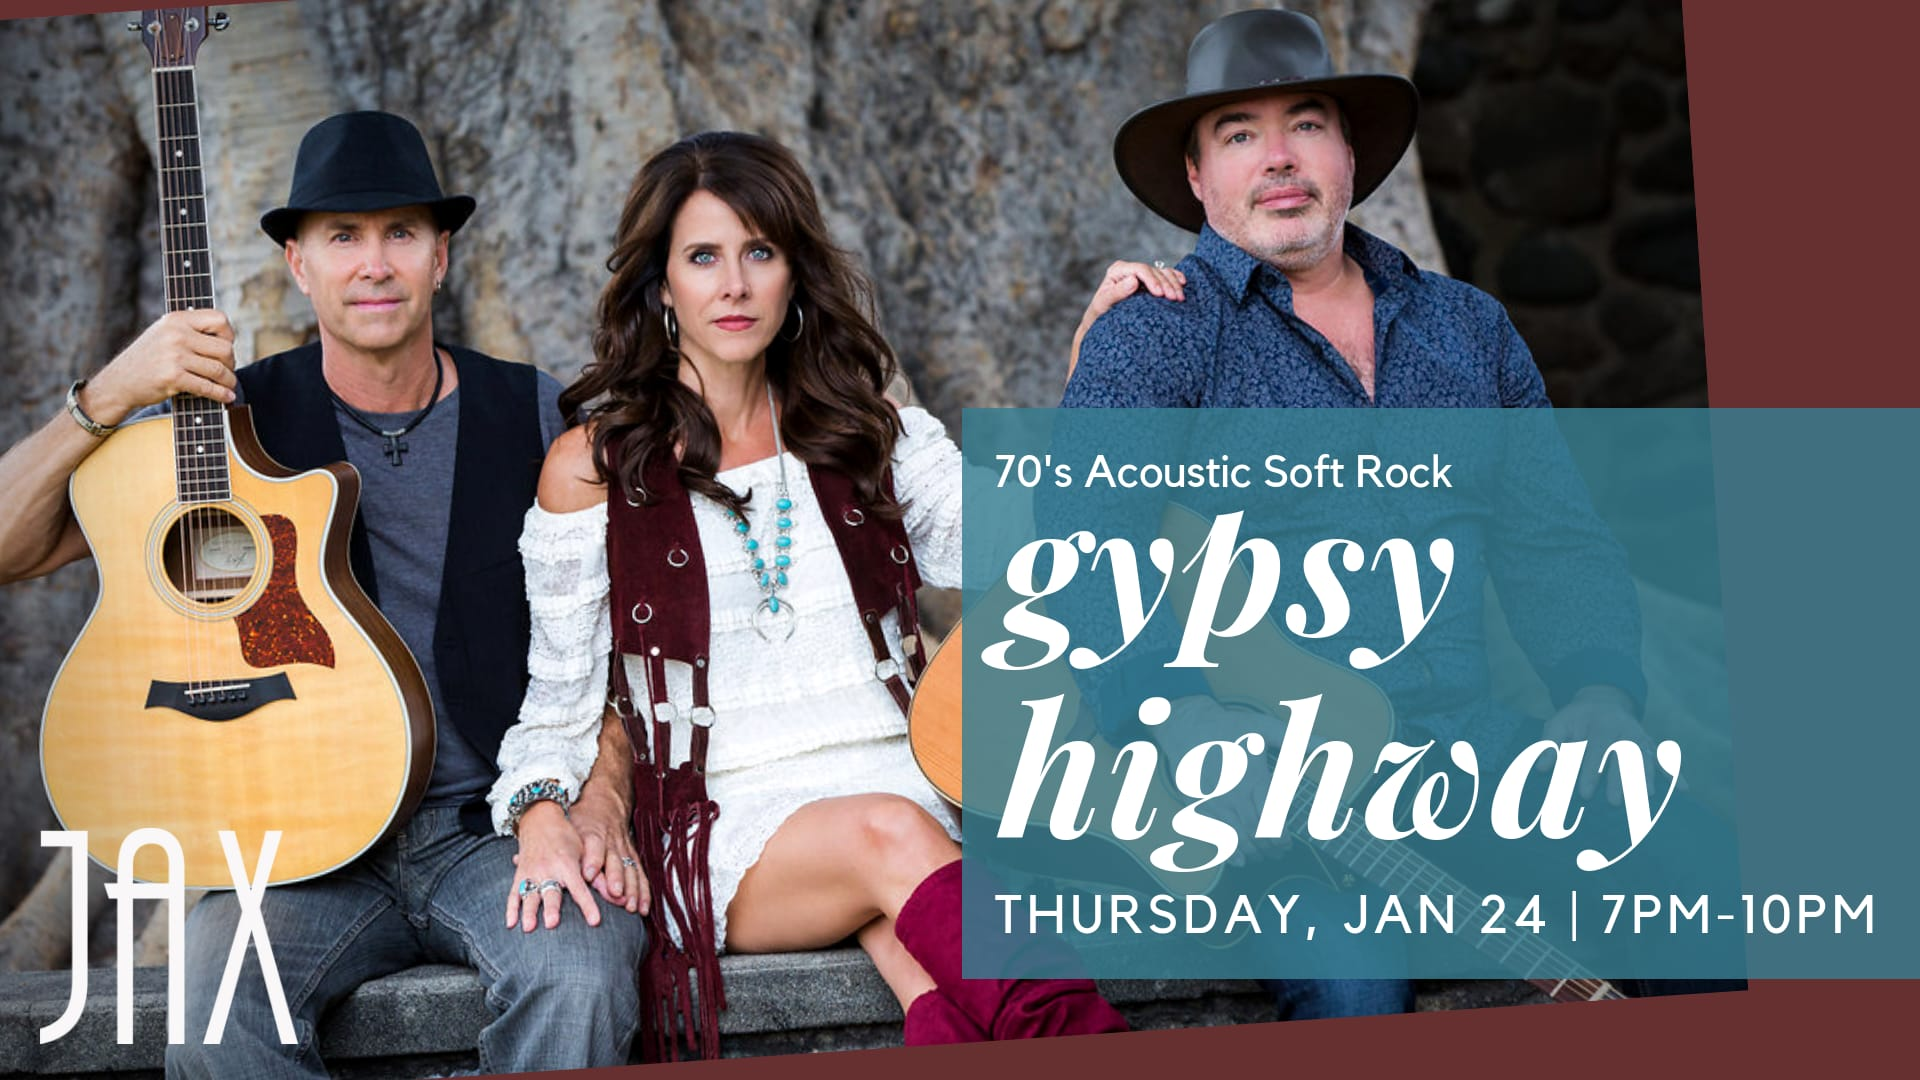 January 24 | GYPSY HIGHWAY